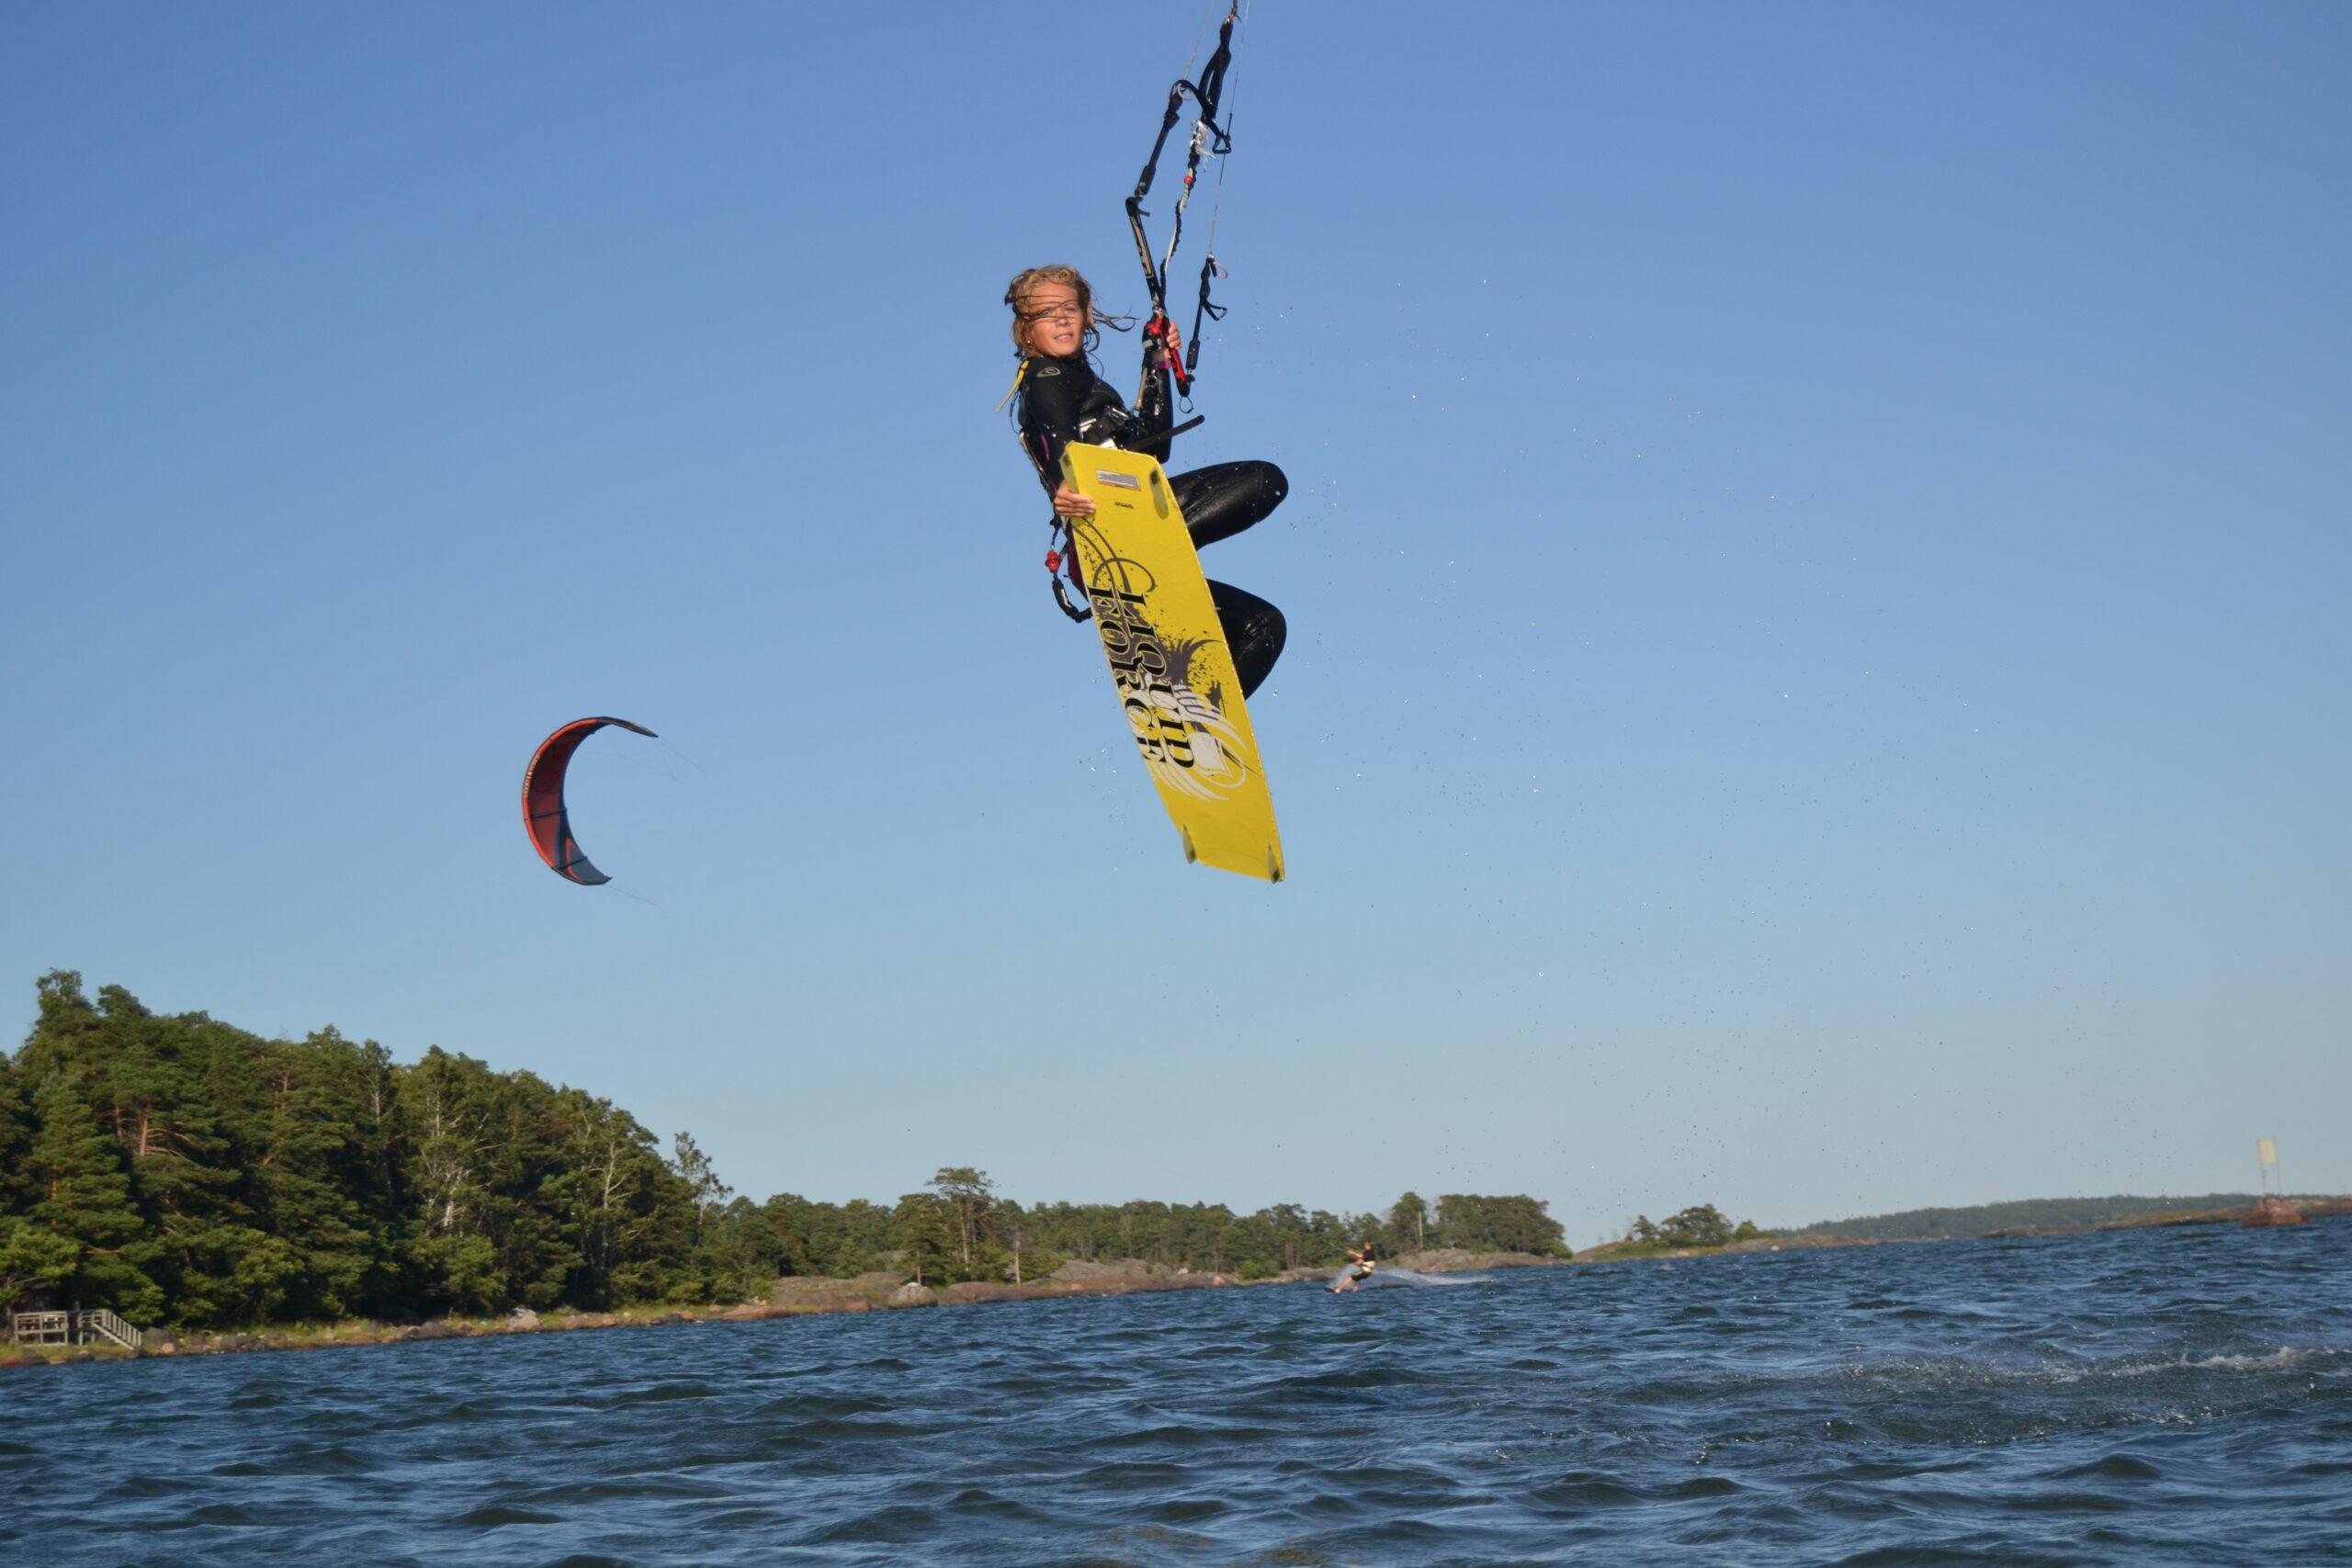 Intervju om kitesurfing och träning